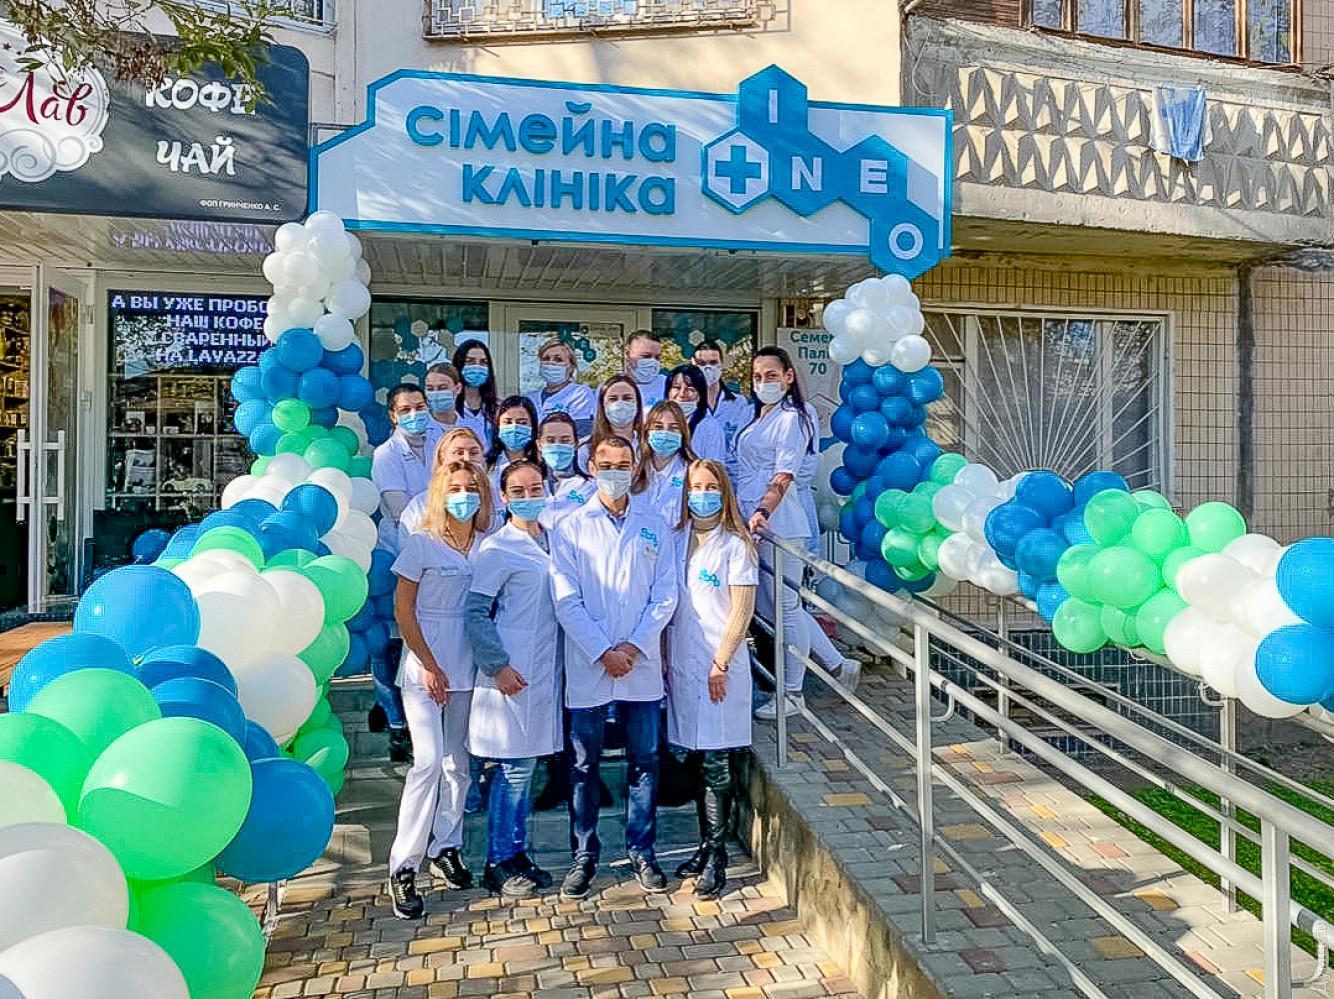 ВОдессе открылась третья клиника семейной медицины Ineo (новости компаний)